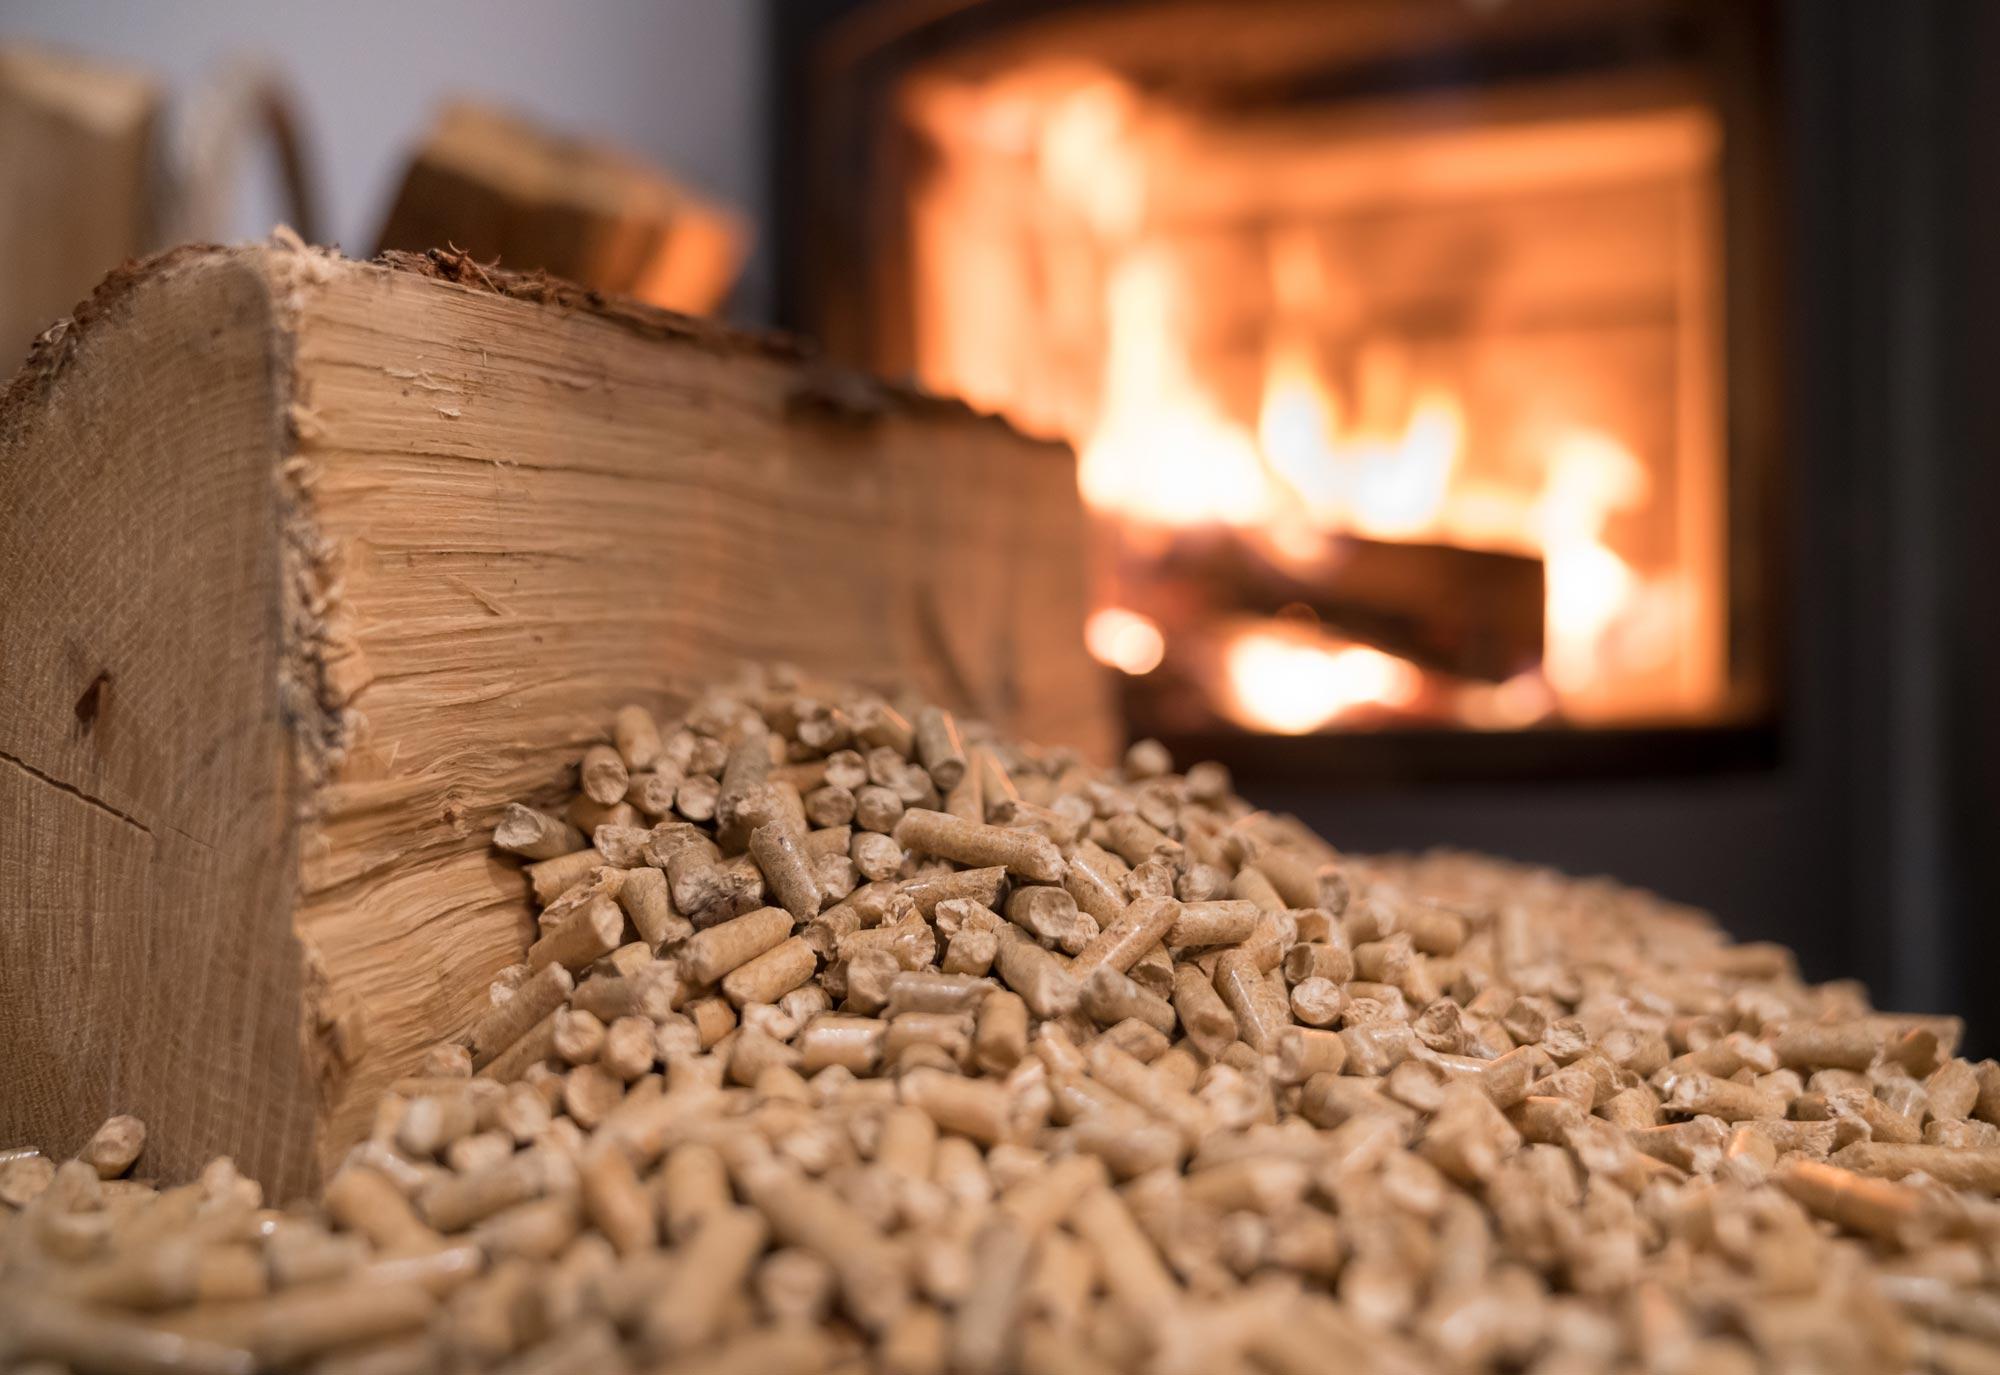 Comment Choisir Son Poele A Bois pourquoi choisir un poêle à granulés de bois ? prix, coût, devis